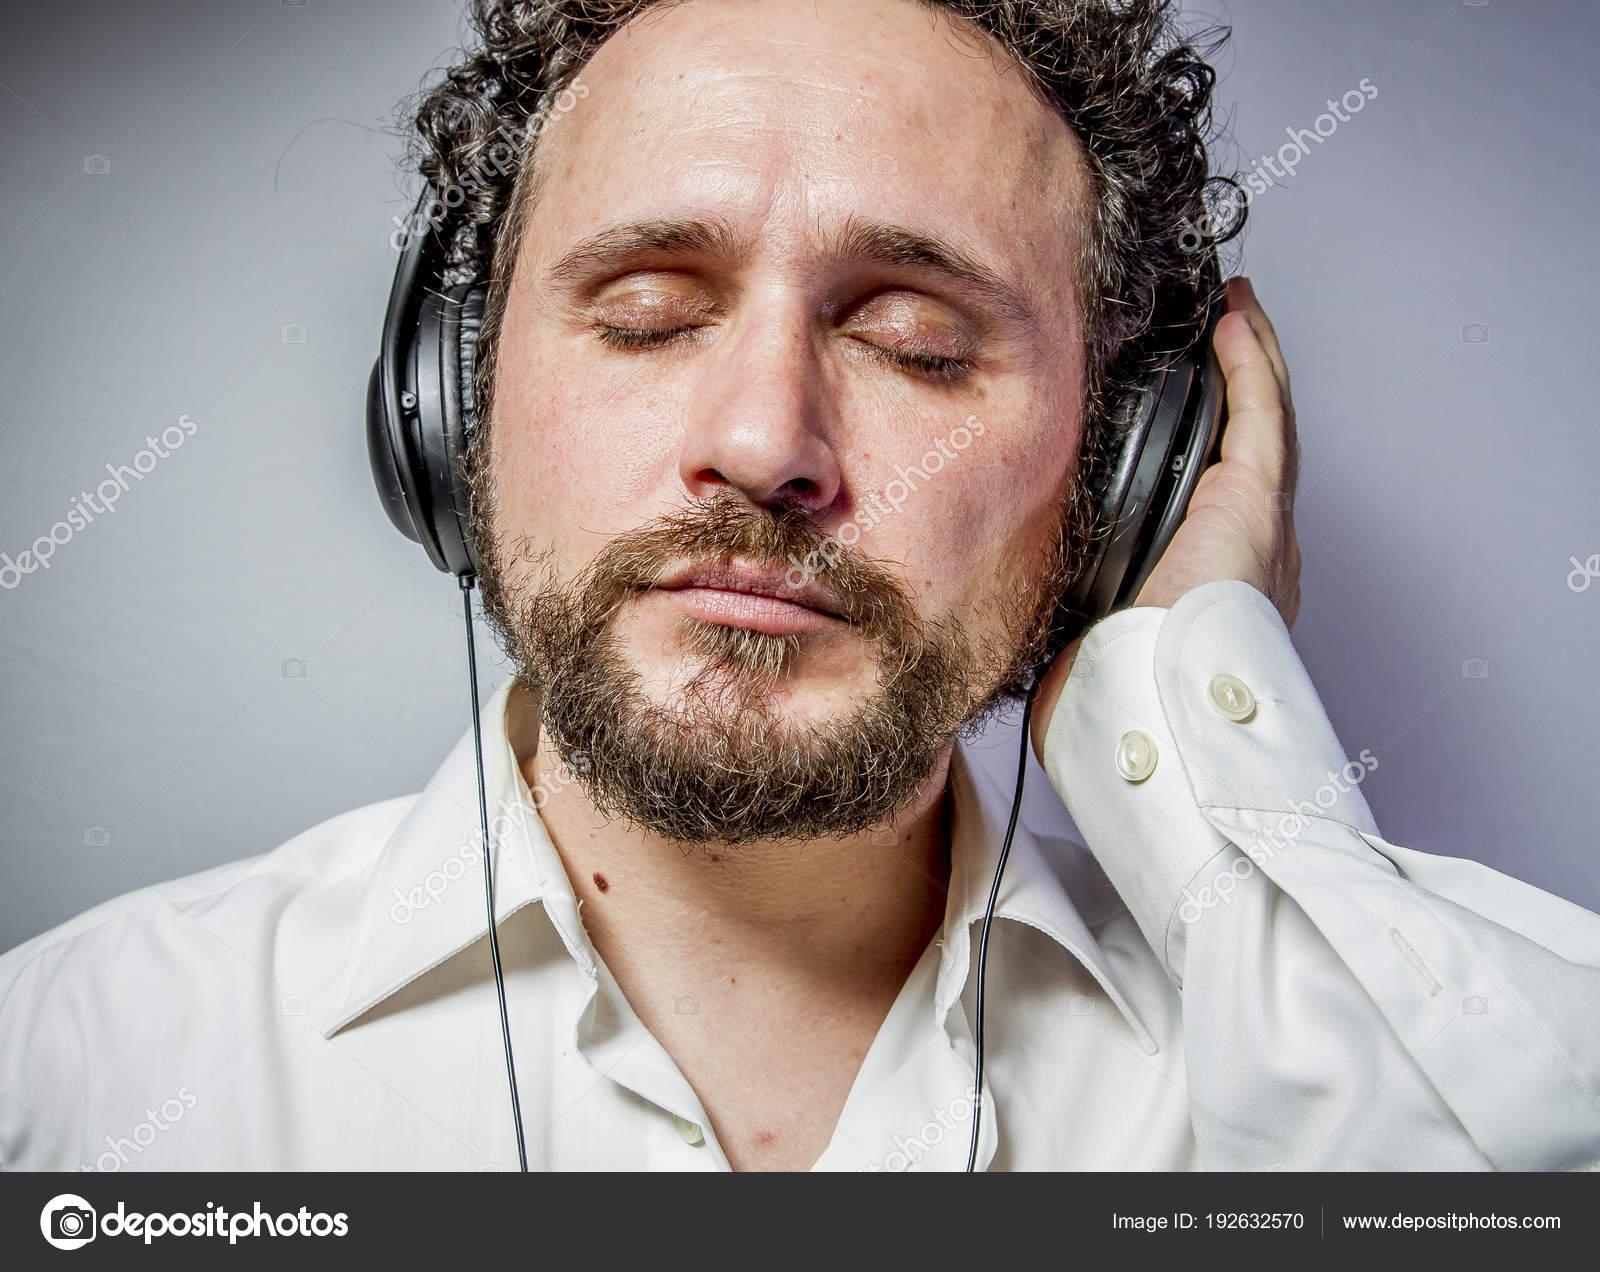 Met Intense Witte Geniet Expressie Muziek Overhemd Van Man nvOm8N0w